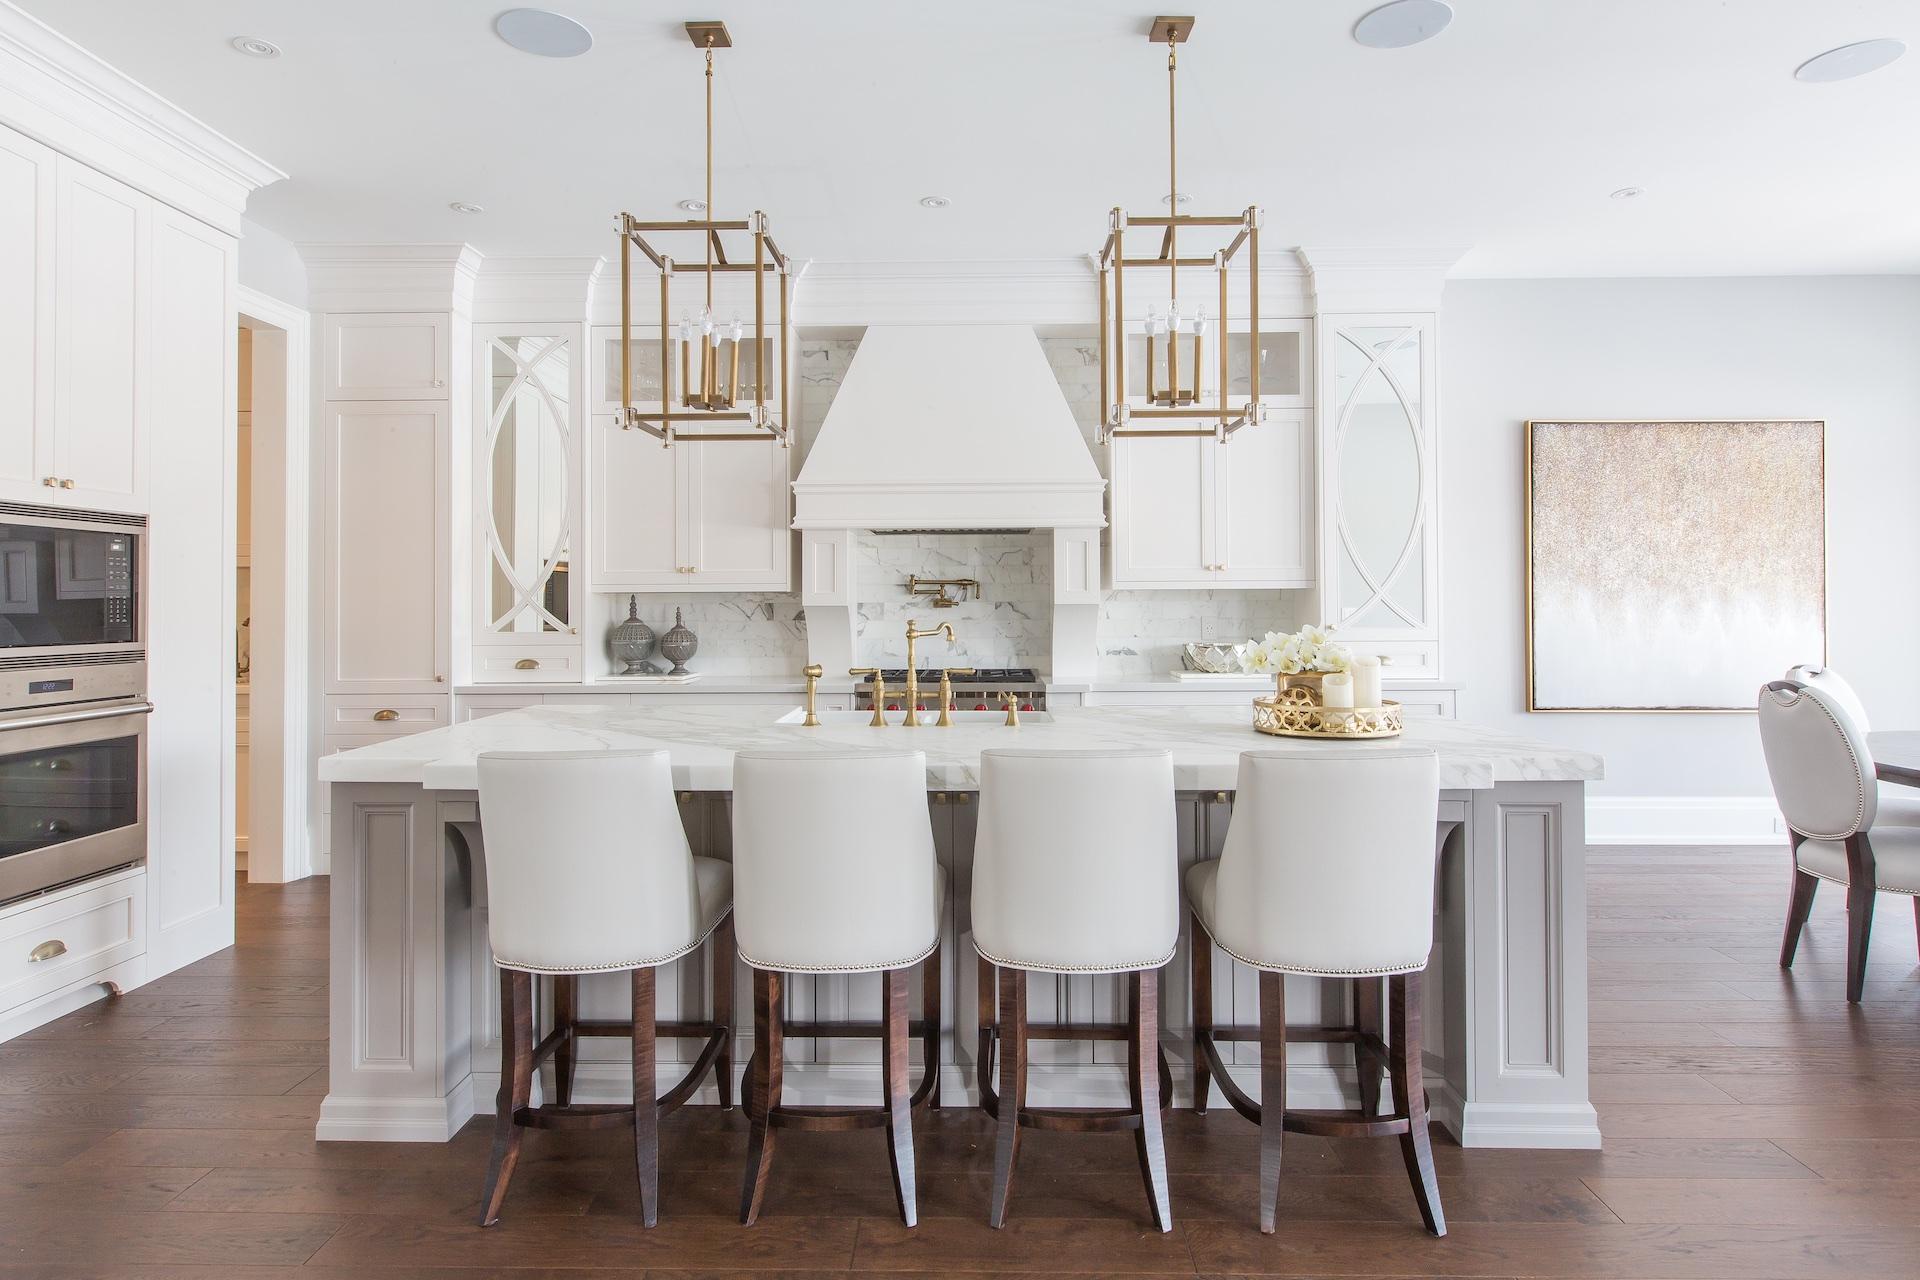 White NIICO kitchen with bar stools